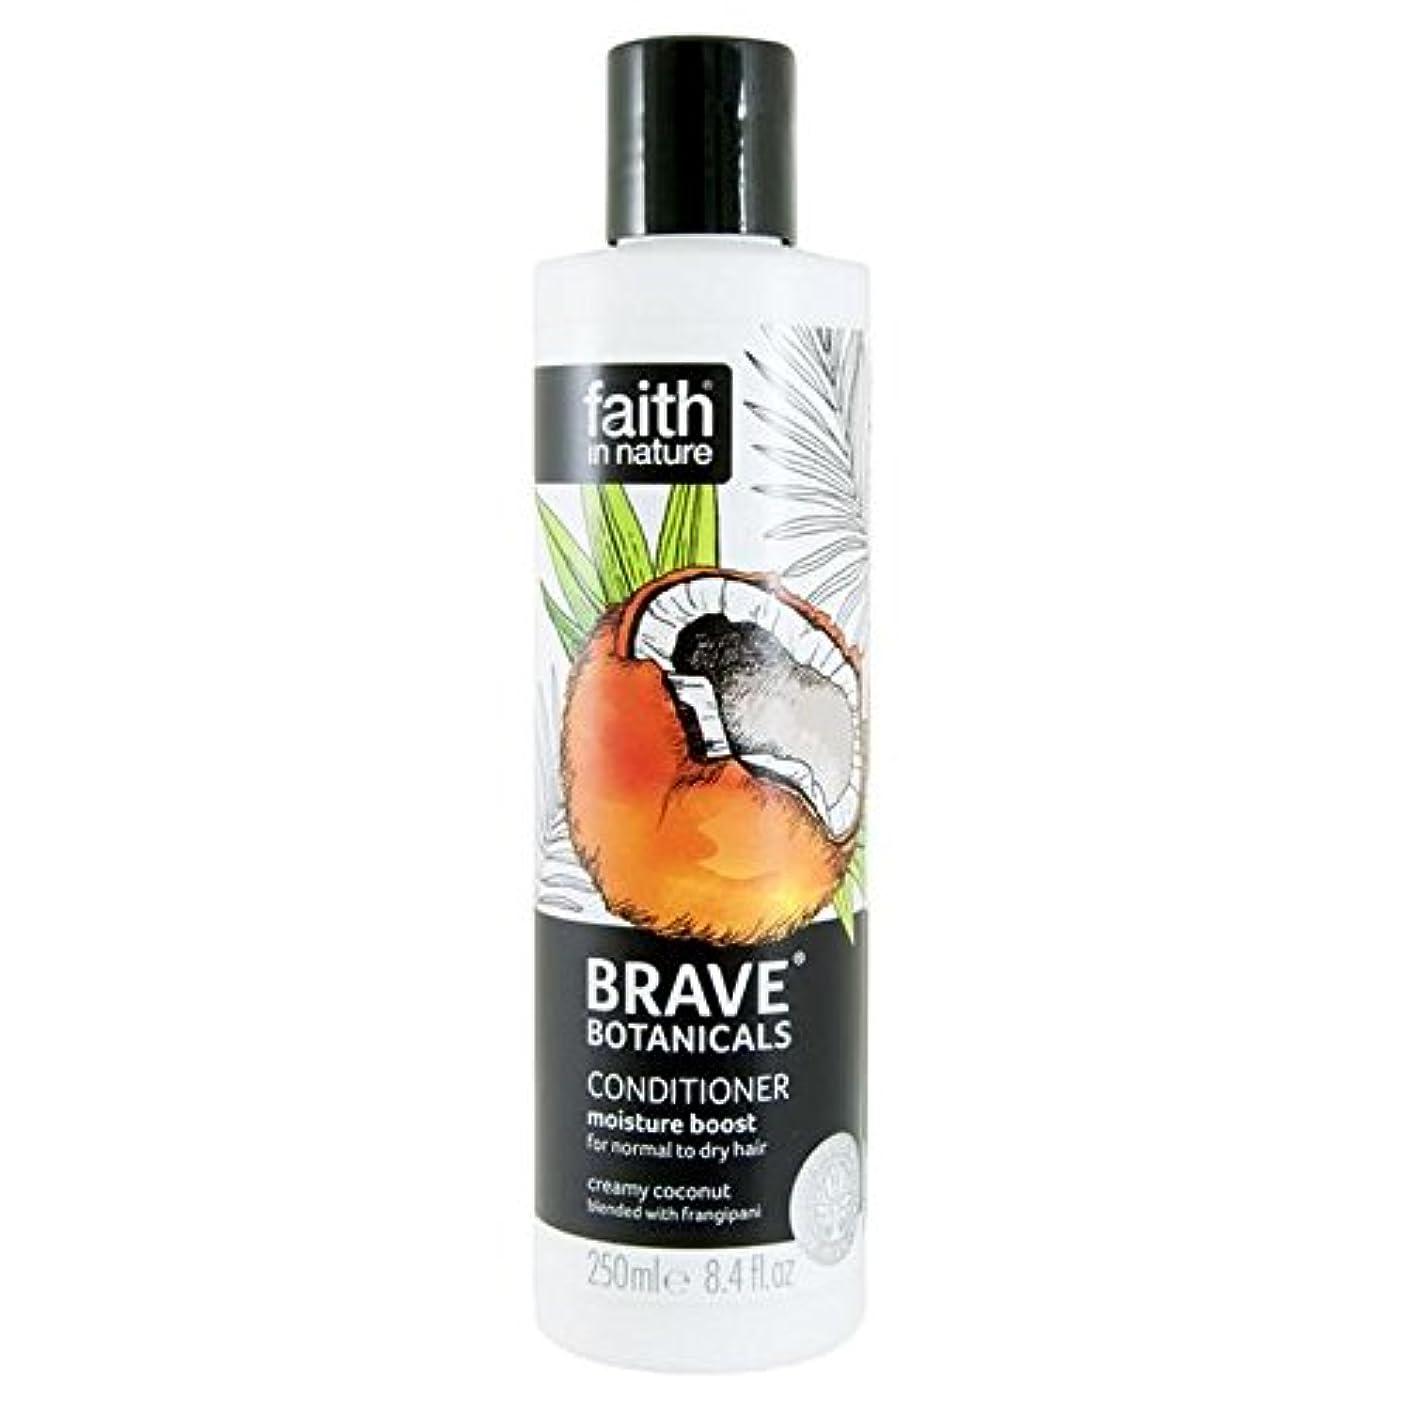 グレー微妙物理Brave Botanicals Coconut & Frangipani Moisture Boost Conditioner 250ml (Pack of 2) - (Faith In Nature) 勇敢な植物ココナッツ...